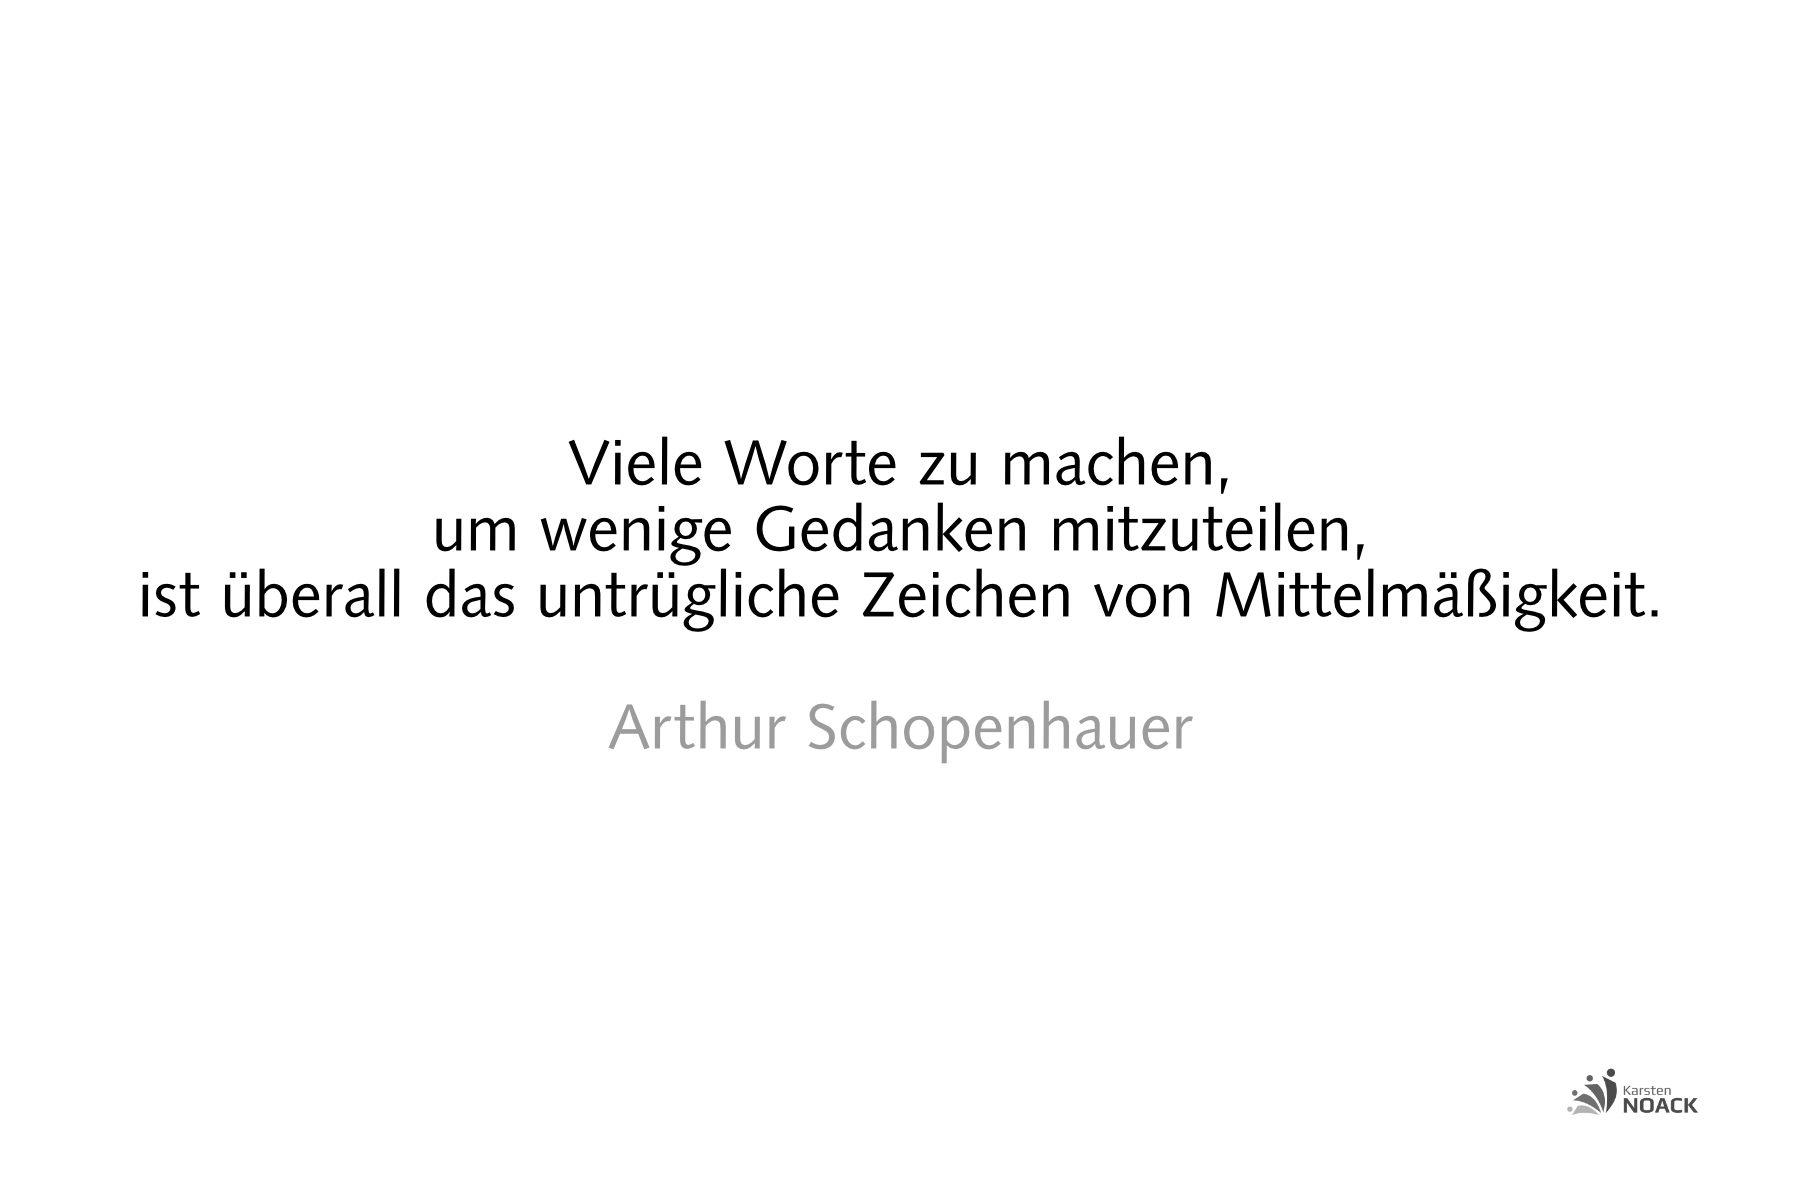 Viele Worte zu machen, um wenige Gedanken mitzuteilen, ist überall das untrügliche Zeichen von Mittelmäßigkeit. Arthur Schopenhauer